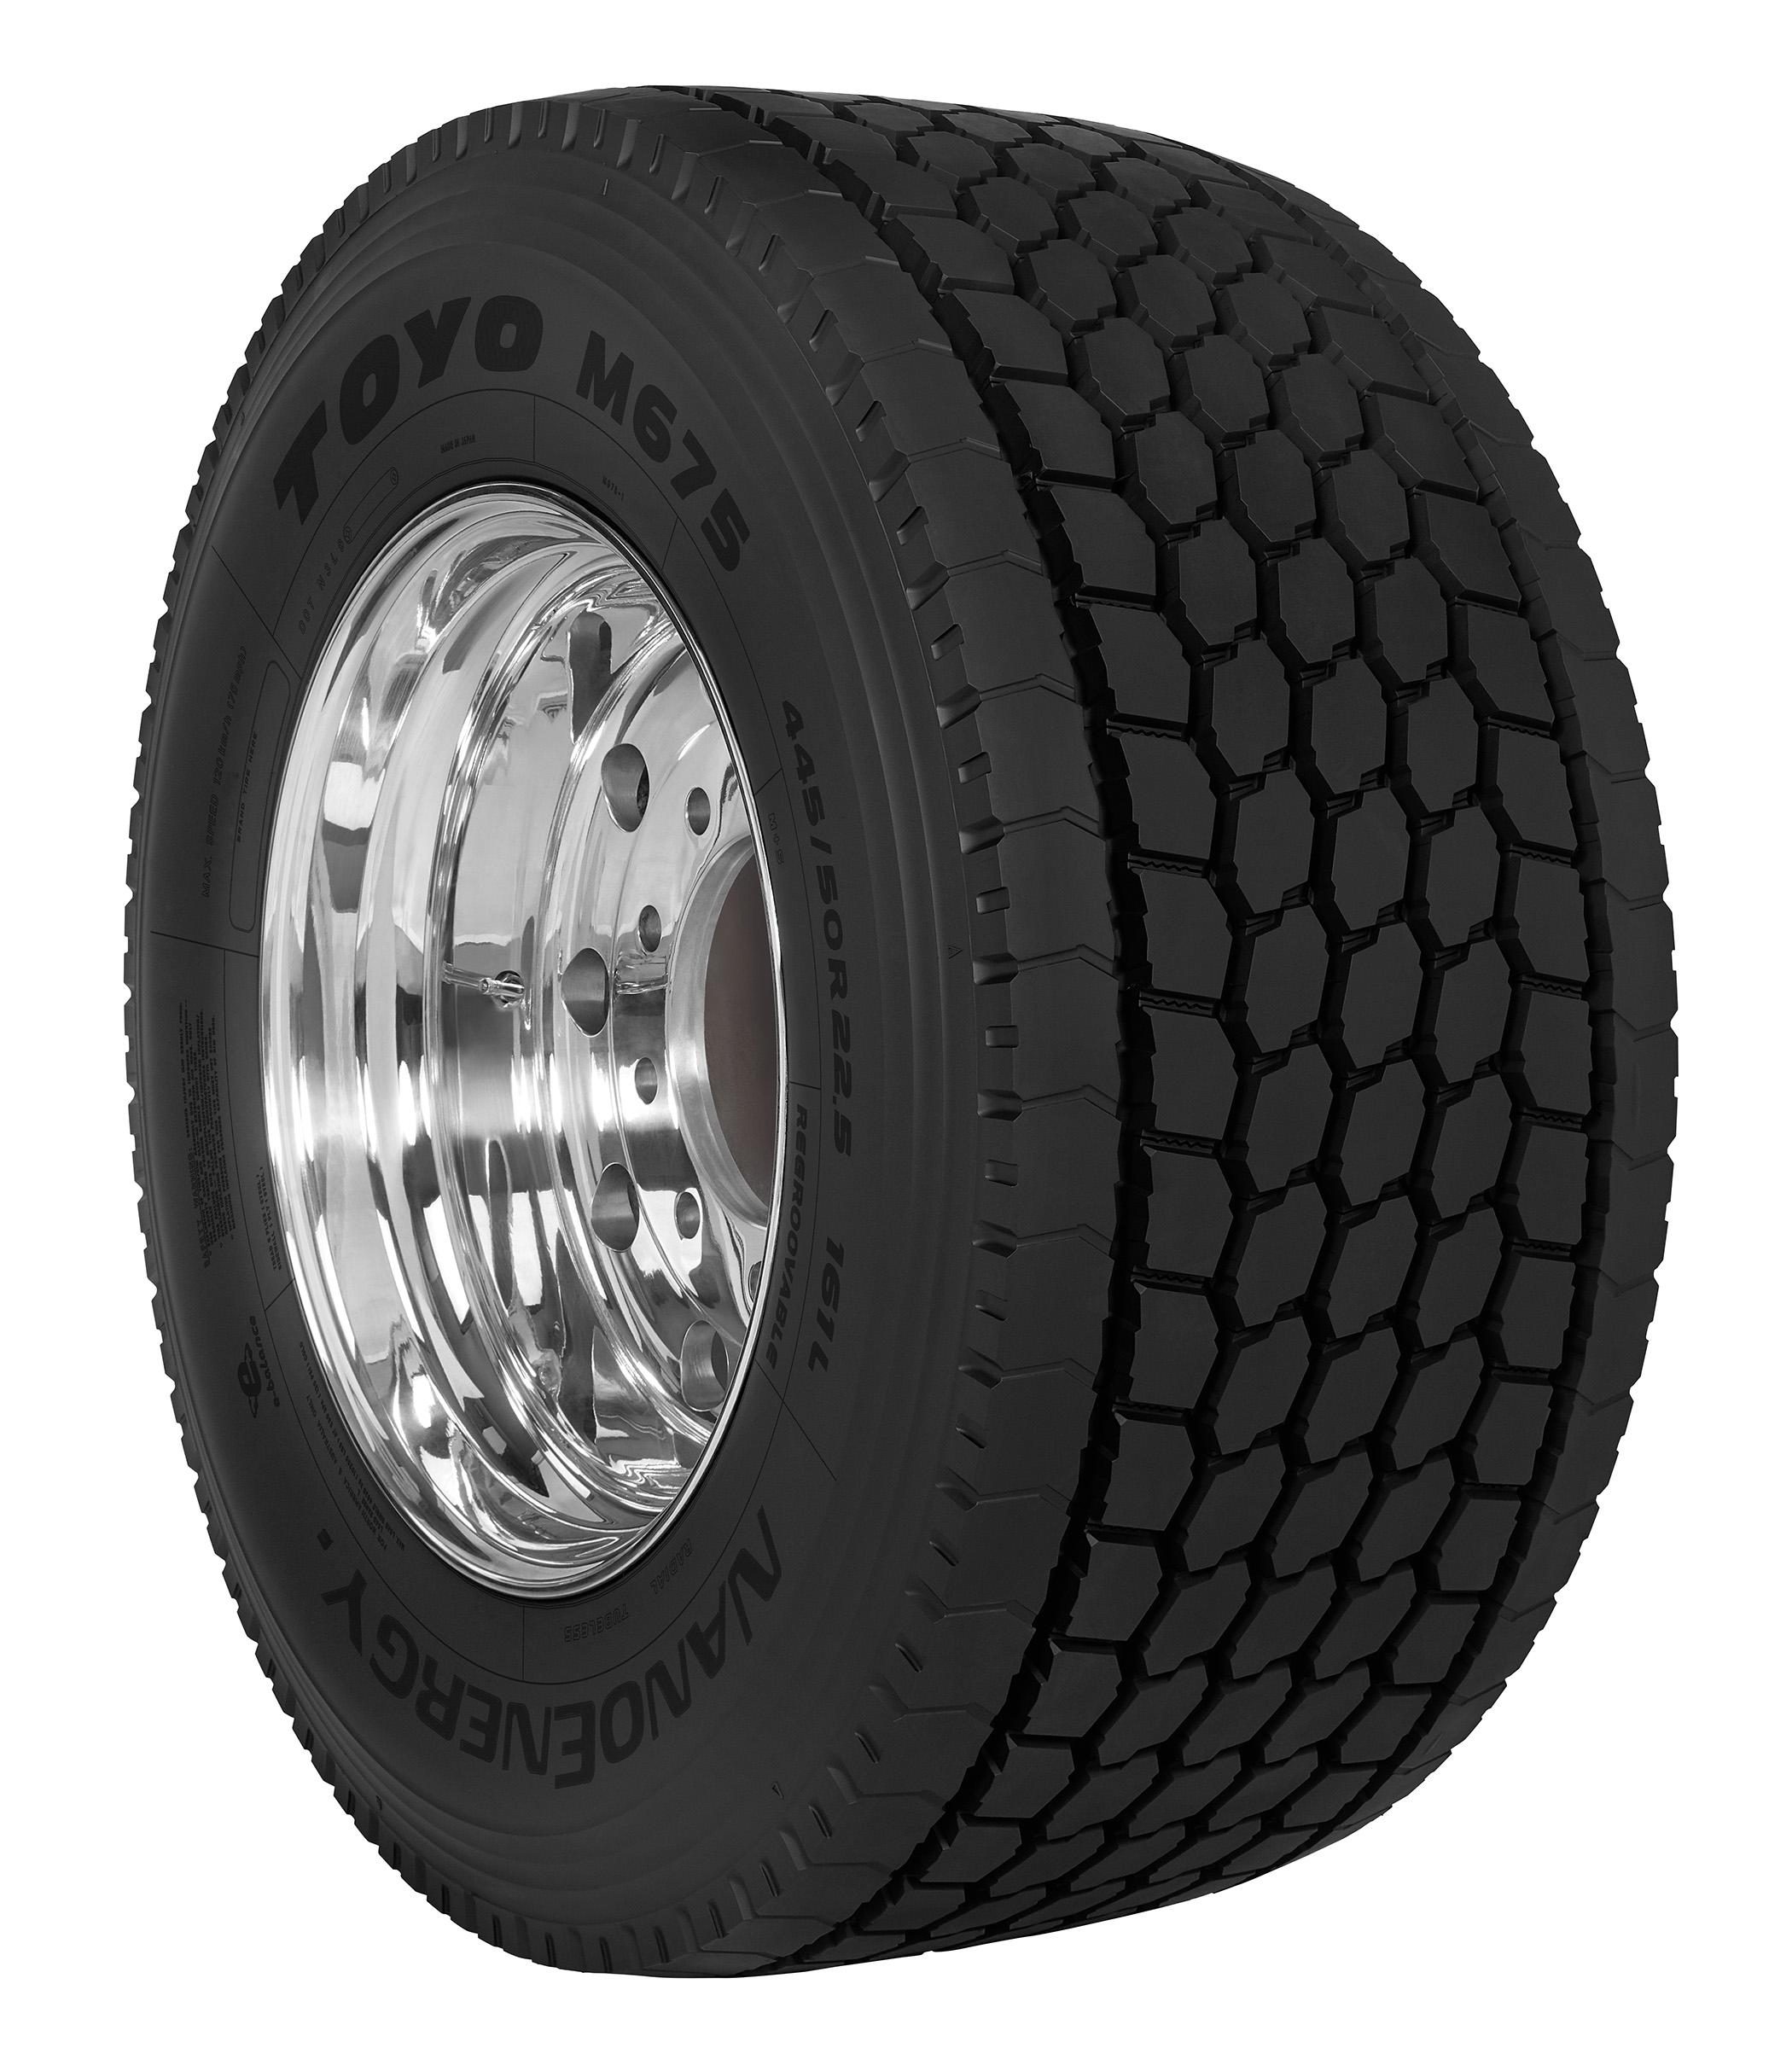 Toyo Unveils M675 Long Haul Drive Tire